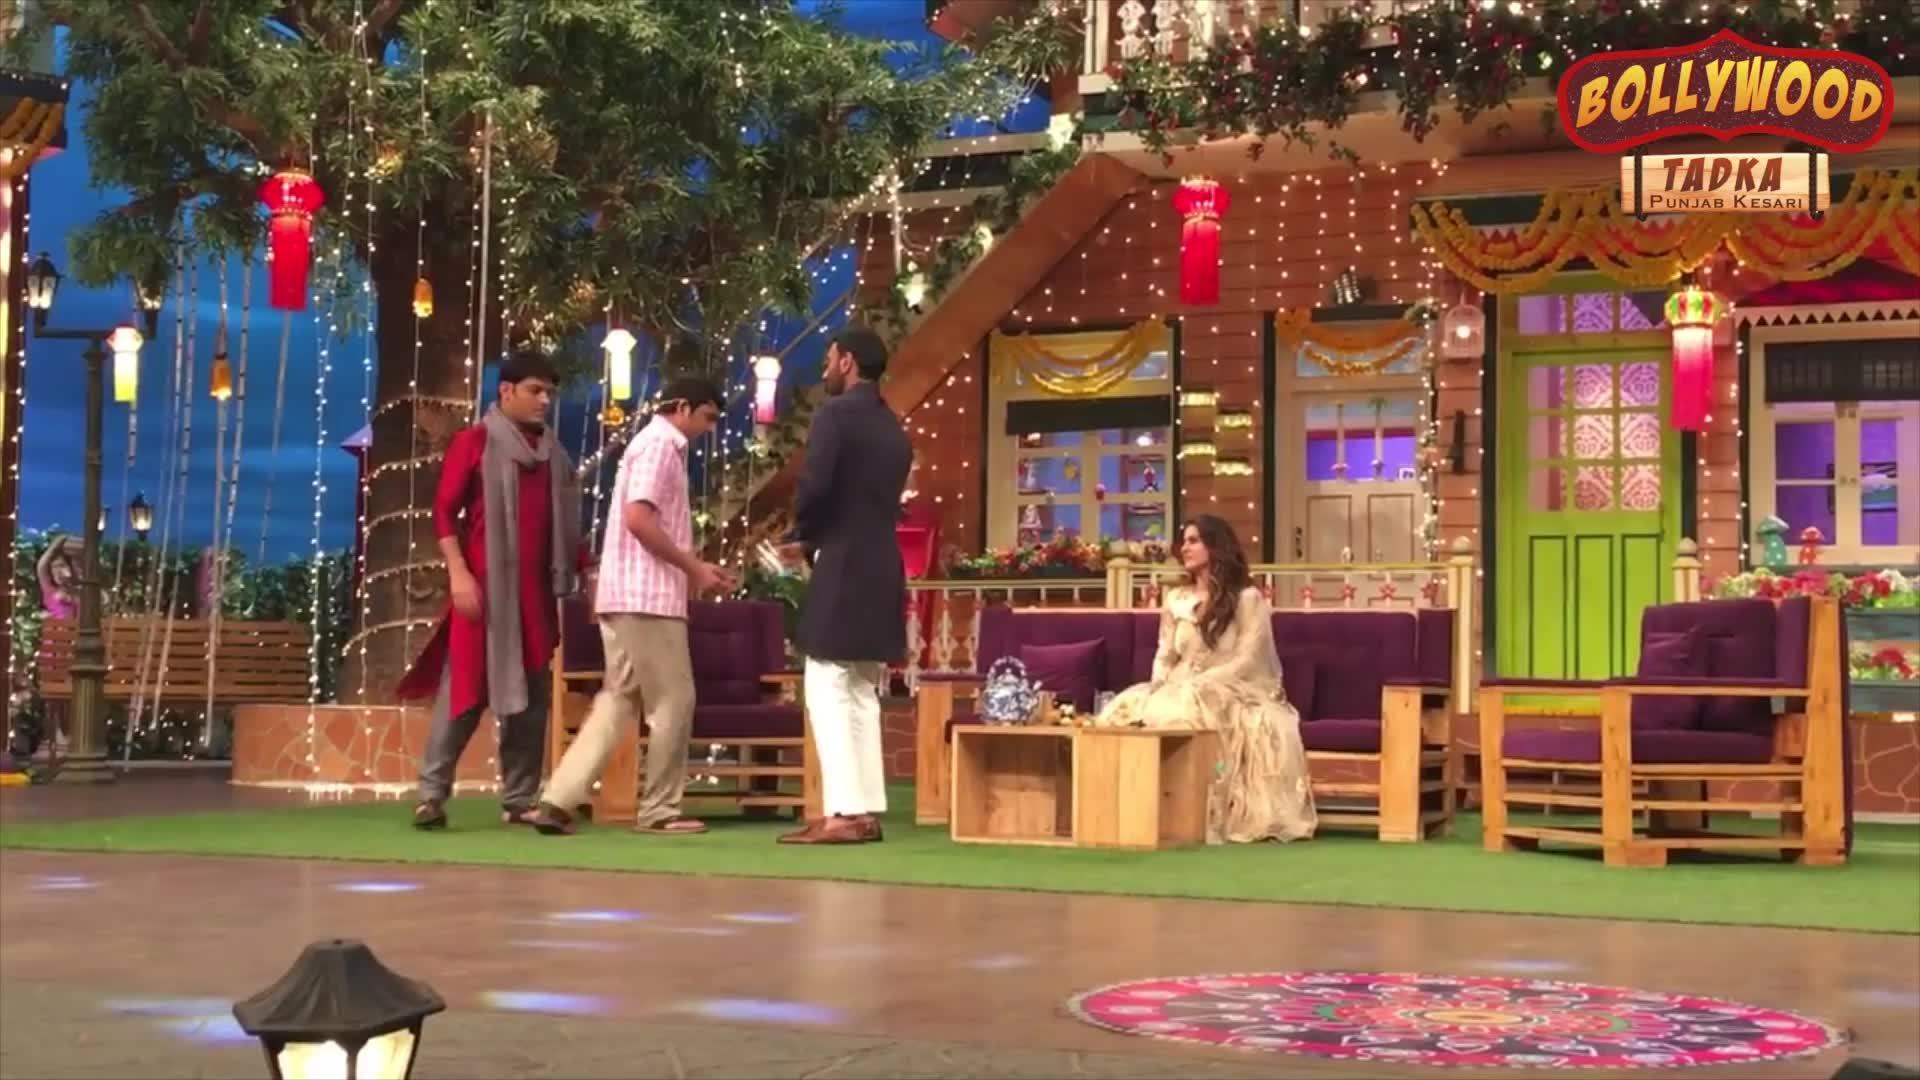 Image of कपिल शर्मा के शो में अजय देवगन ने चंदू की पैंट को कर दिया गीला, देखें जबरदस्त प्रैंक